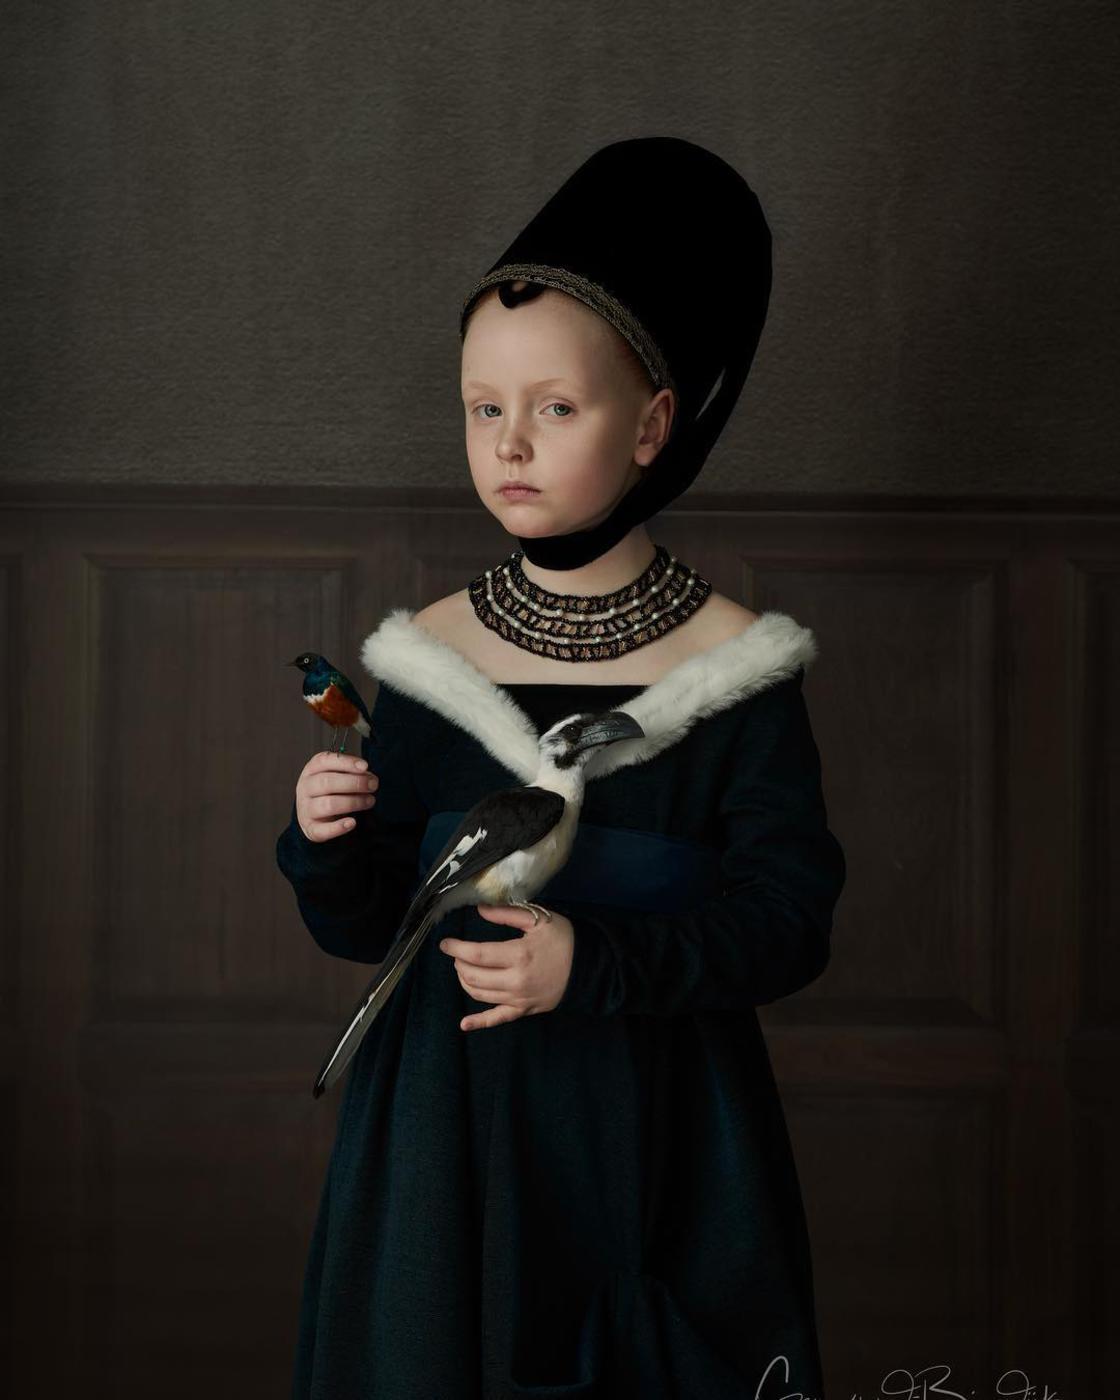 gemmy-woud-binnendijk-kid-portraits-23.jpg